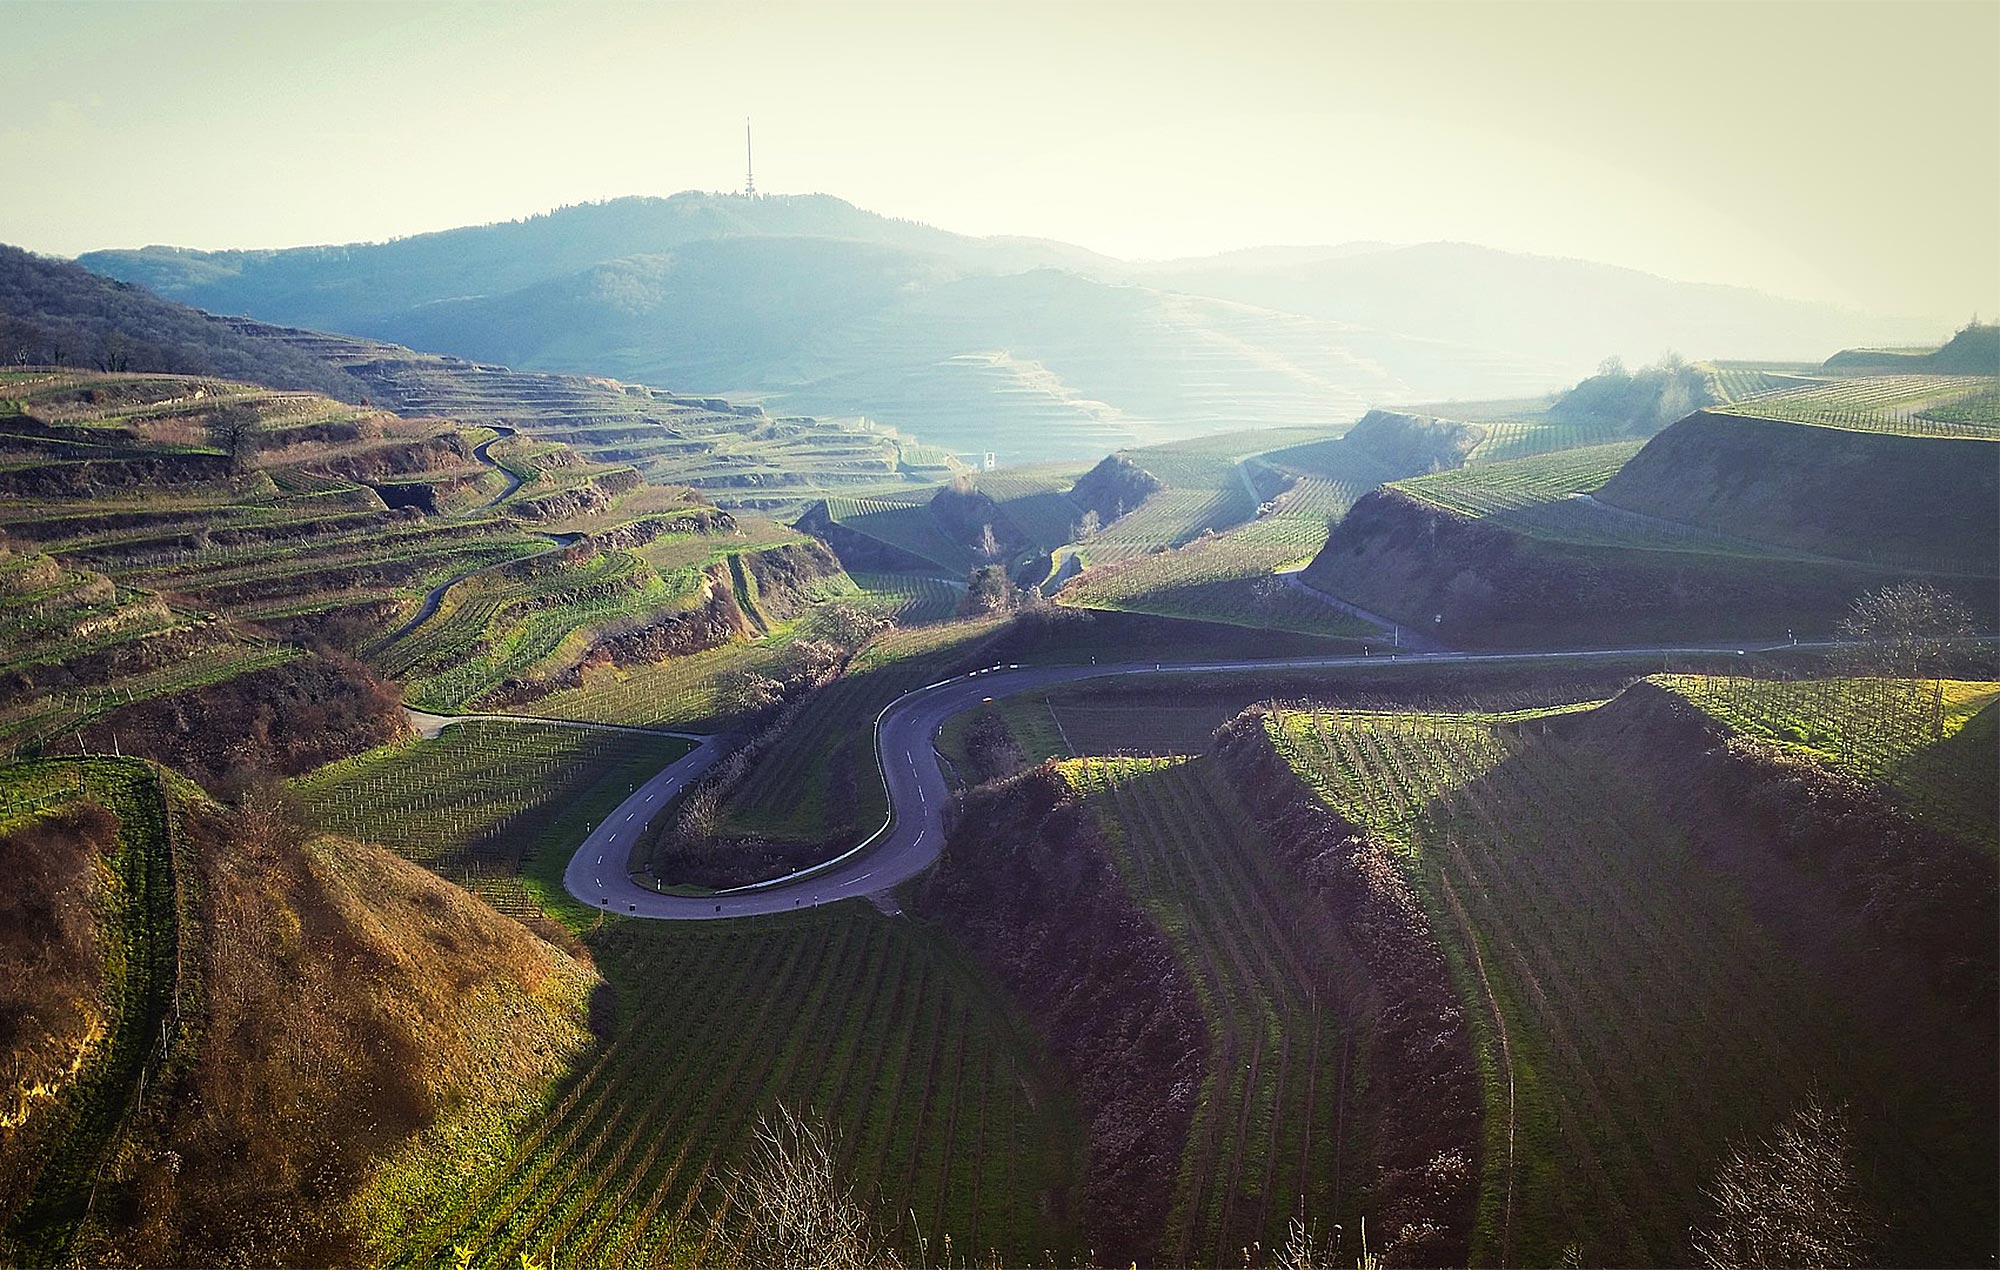 Die Weinterrassen rund um den Kaiserstuhl im Schwarzwald / Fotocredits: holgiverfolgi via Pixabay